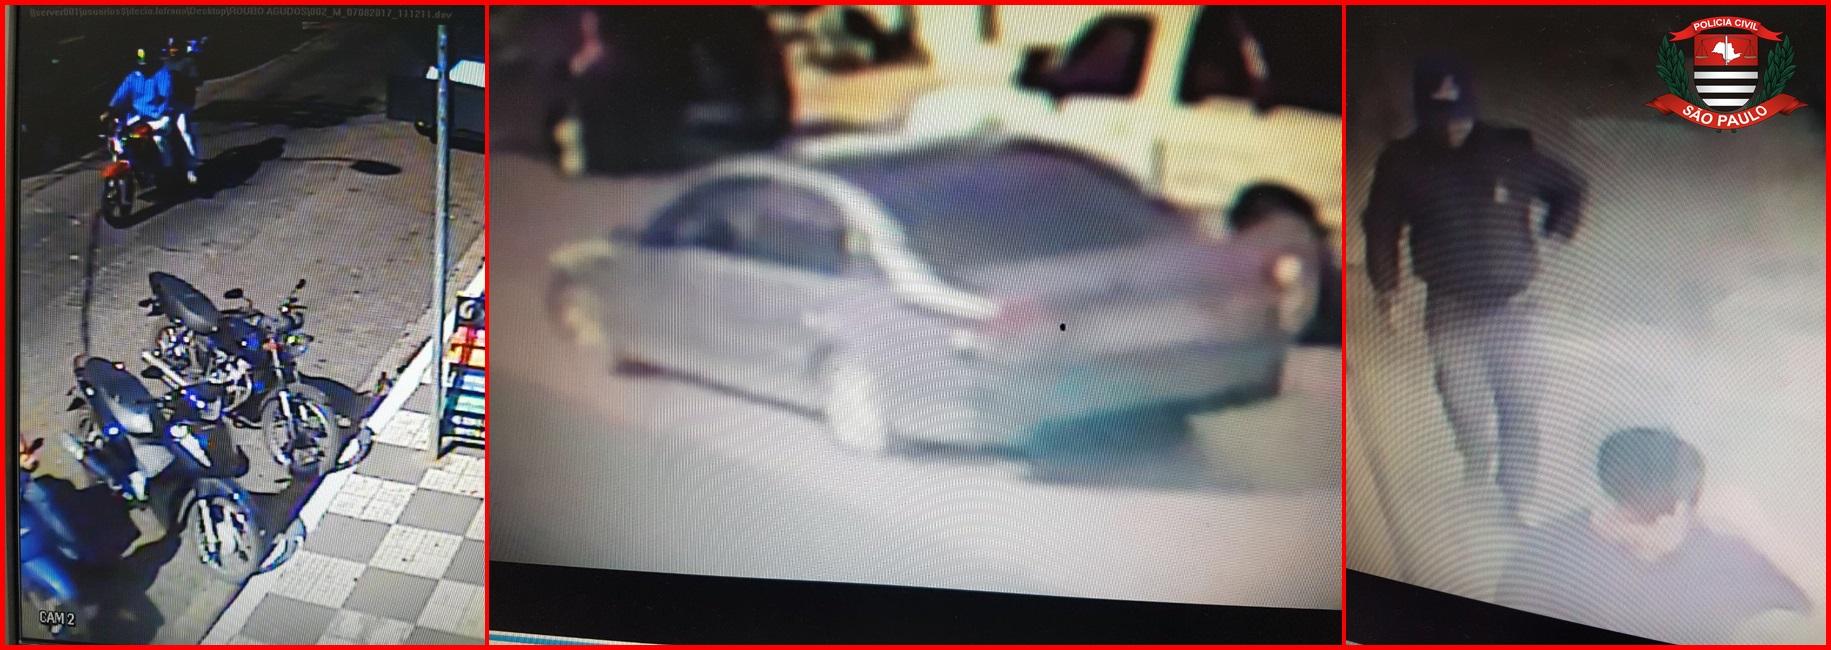 imagens das cameras de segurança mostram a ação dos criminosos